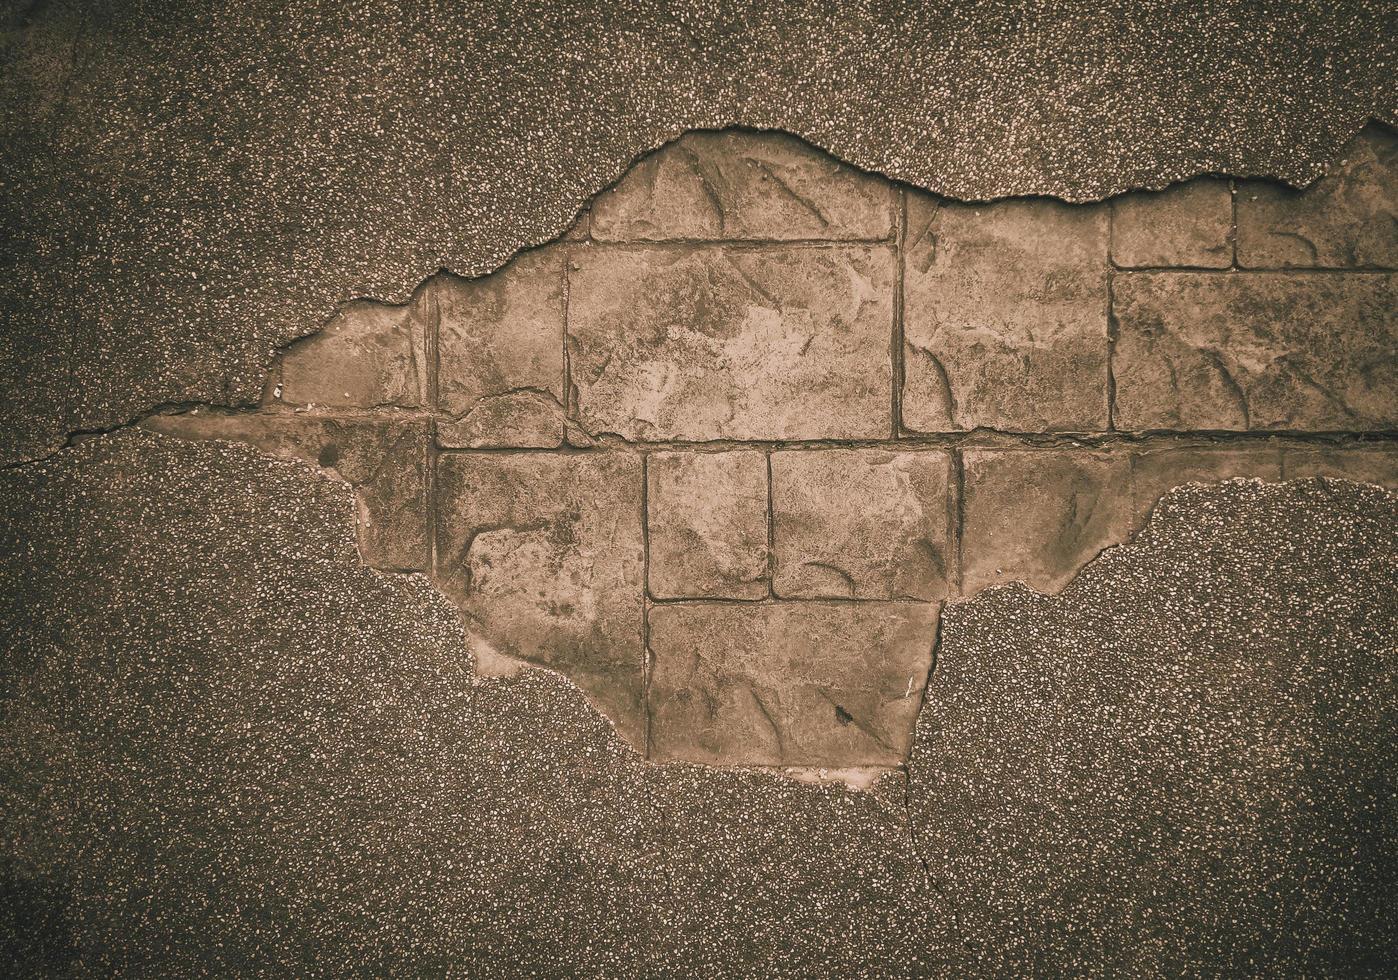 großer Riss in der alten unordentlichen Betonwand foto